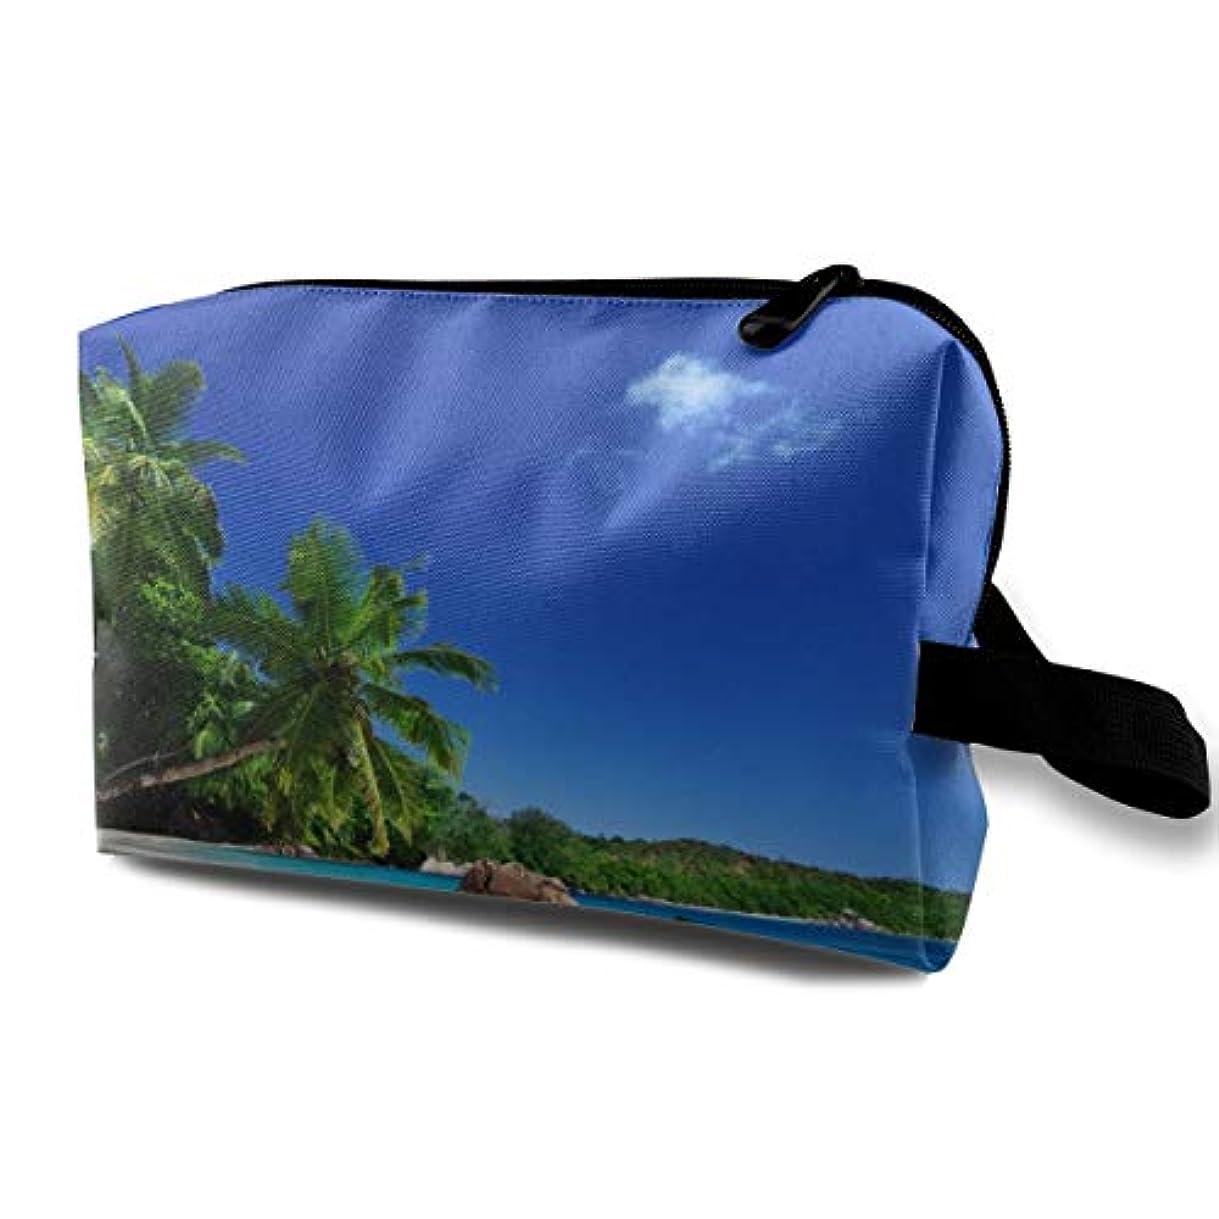 卑しい委任する原告Paradise Beach Sea Palm Trees 収納ポーチ 化粧ポーチ 大容量 軽量 耐久性 ハンドル付持ち運び便利。入れ 自宅?出張?旅行?アウトドア撮影などに対応。メンズ レディース トラベルグッズ